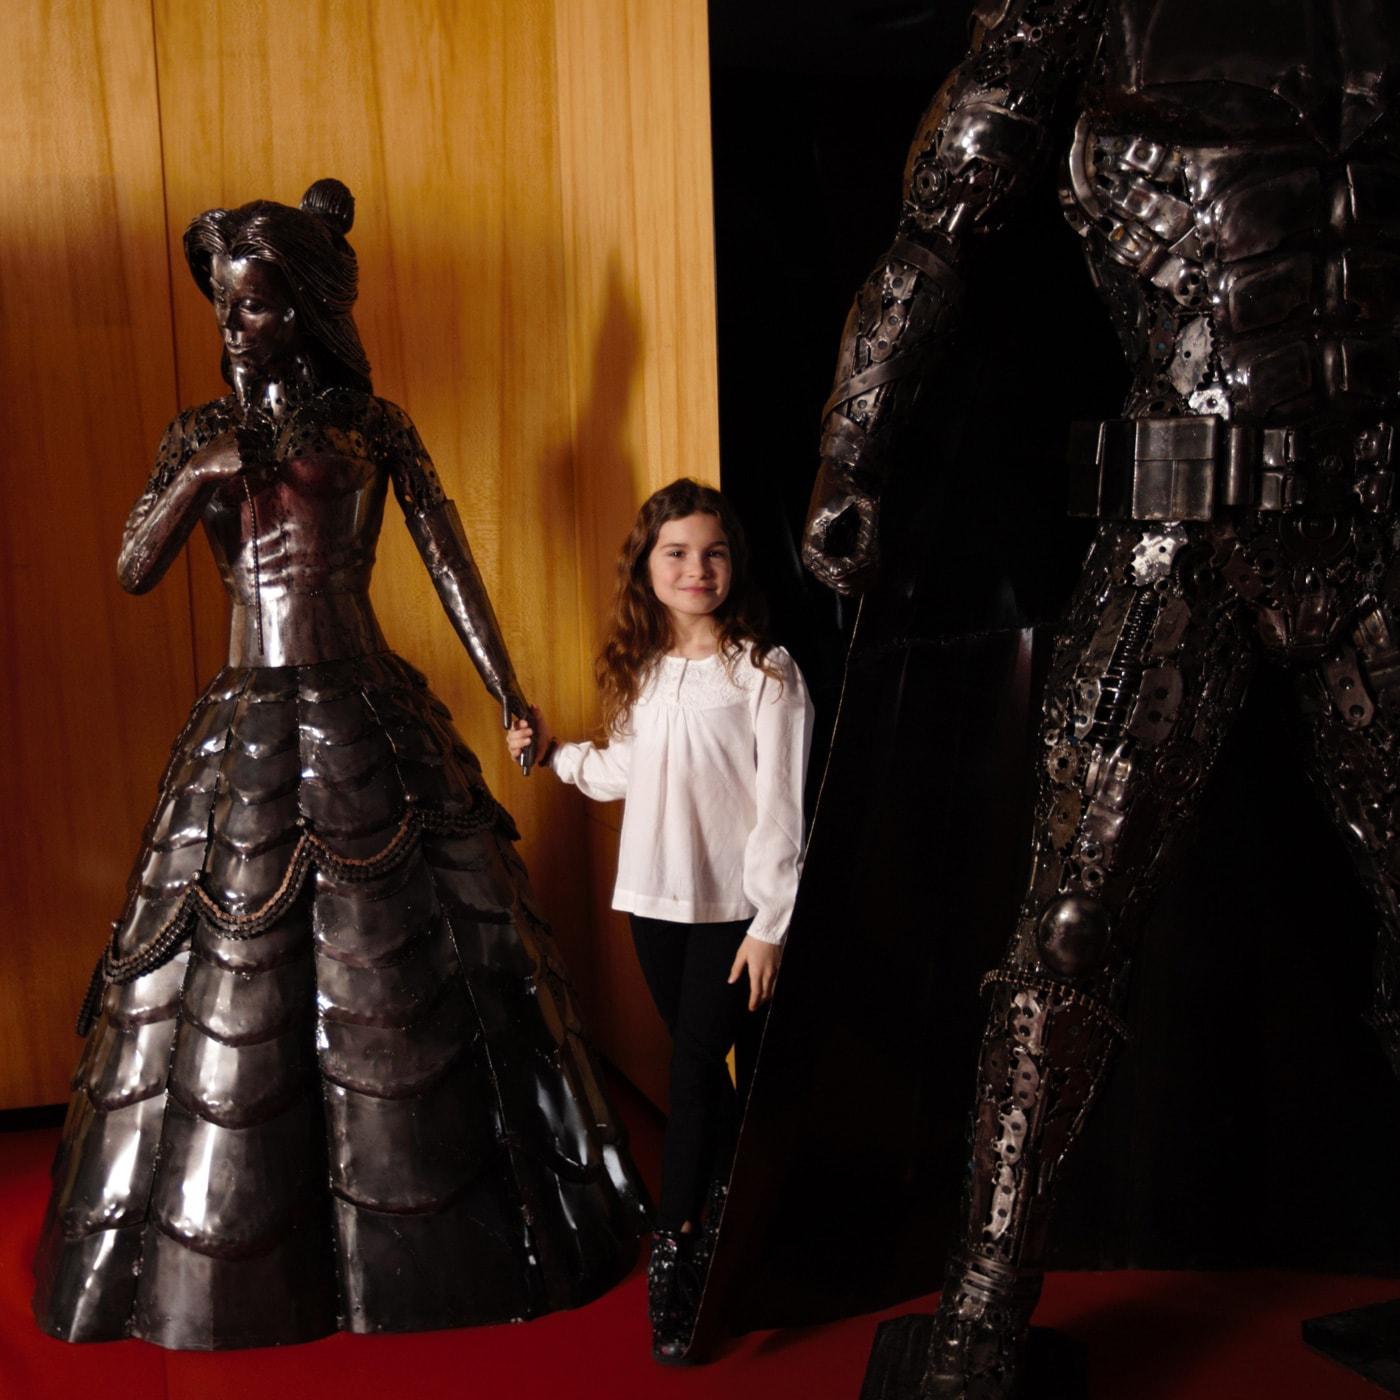 Gallery of Steel Figures Berlin // HIMBEER